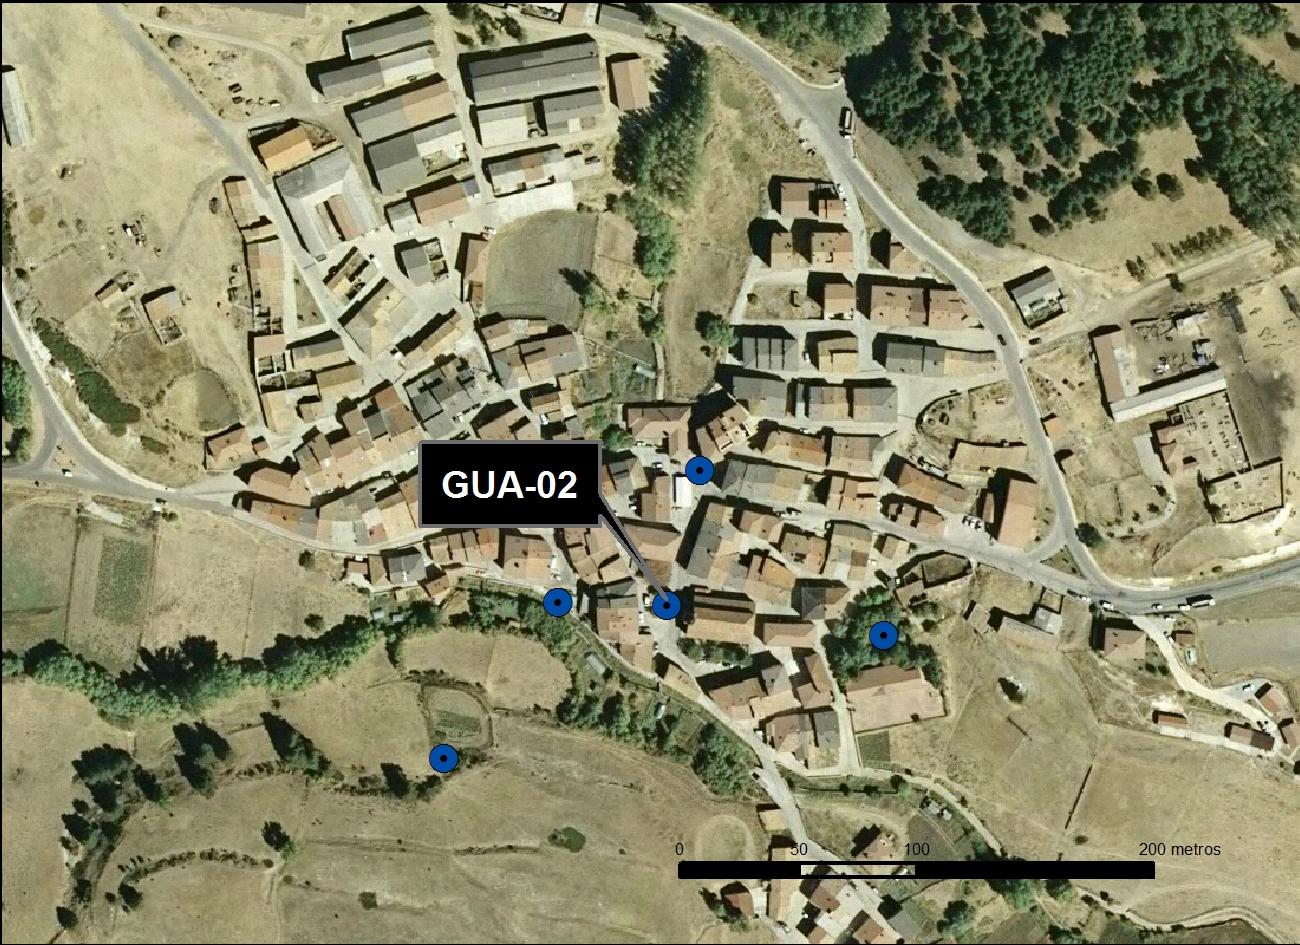 GUA_02_M.V.LOZANO_PLAZA DE LA IGLESIA_ORTO 1